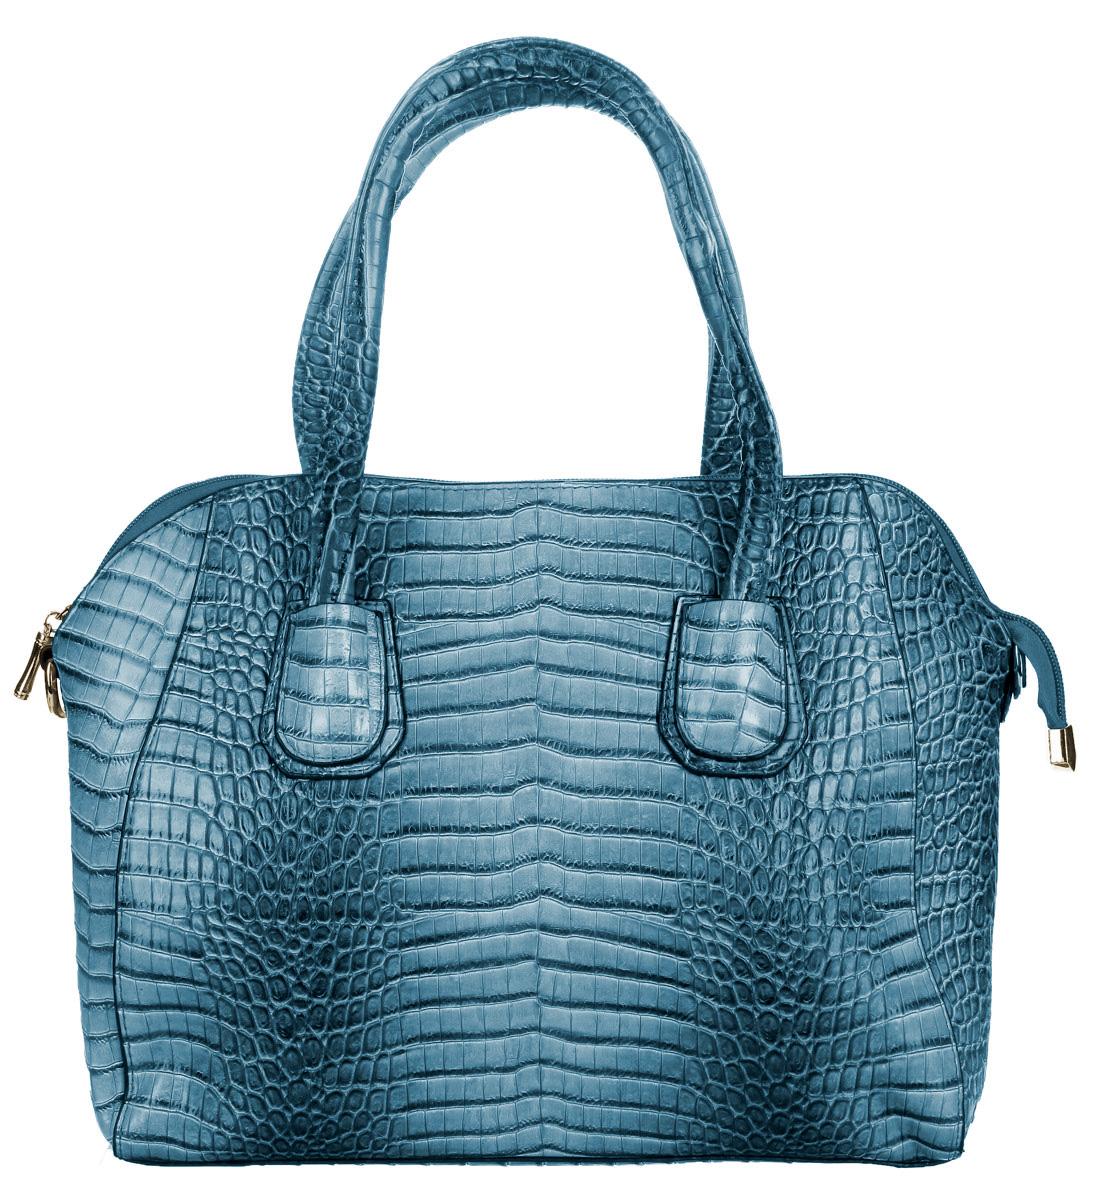 Сумка женская Flioraj, цвет: темно-бирюзовый, темно-зеленый. 8652186521Элегантная сумка Flioraj выполнена из искусственной кожи c тиснением под рептилию. Изделие содержит одно отделение, разделенное пополам карманом-средником на застежке-молнии. Застегивается сумка на застежку-молнию. Внутри расположены два накладных кармана для телефона и мелочей, и прорезной карман на застежке-молнии. Снаружи на задней стенке расположен прорезной карман на застежке-молнии. Изделие оснащено удобными ручками. В комплект входит съемный плечевой ремень, длина которого регулируется. Основание дополнено металлическими ножками, защищающими изделие от повреждений. Сумка Flioraj прекрасно дополнит образ и подчеркнет ваш неповторимый стиль.